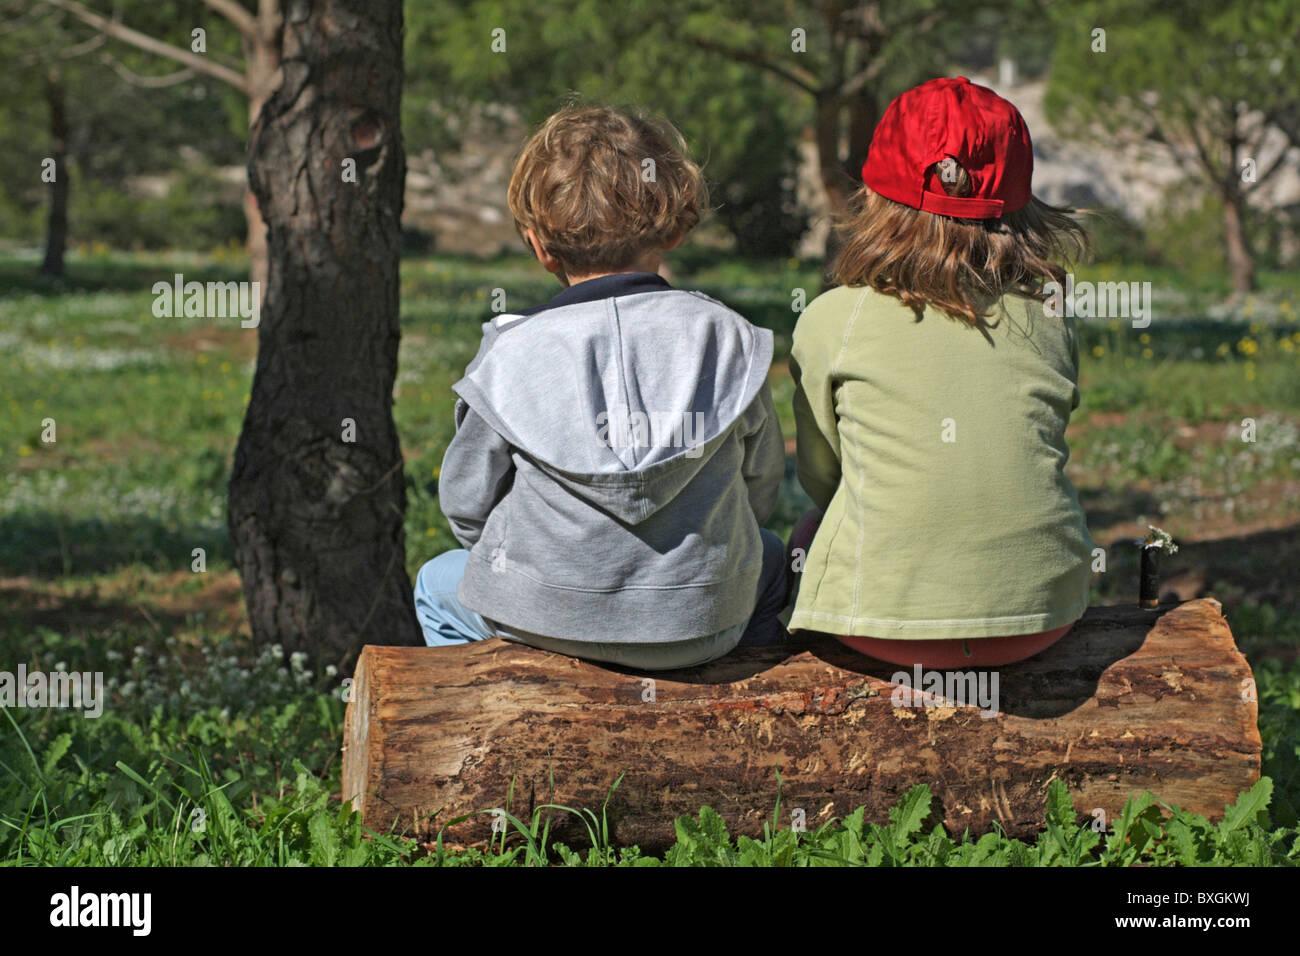 Dois pequenos amigos sentado em um tronco de árvore na floresta. Imagens de Stock